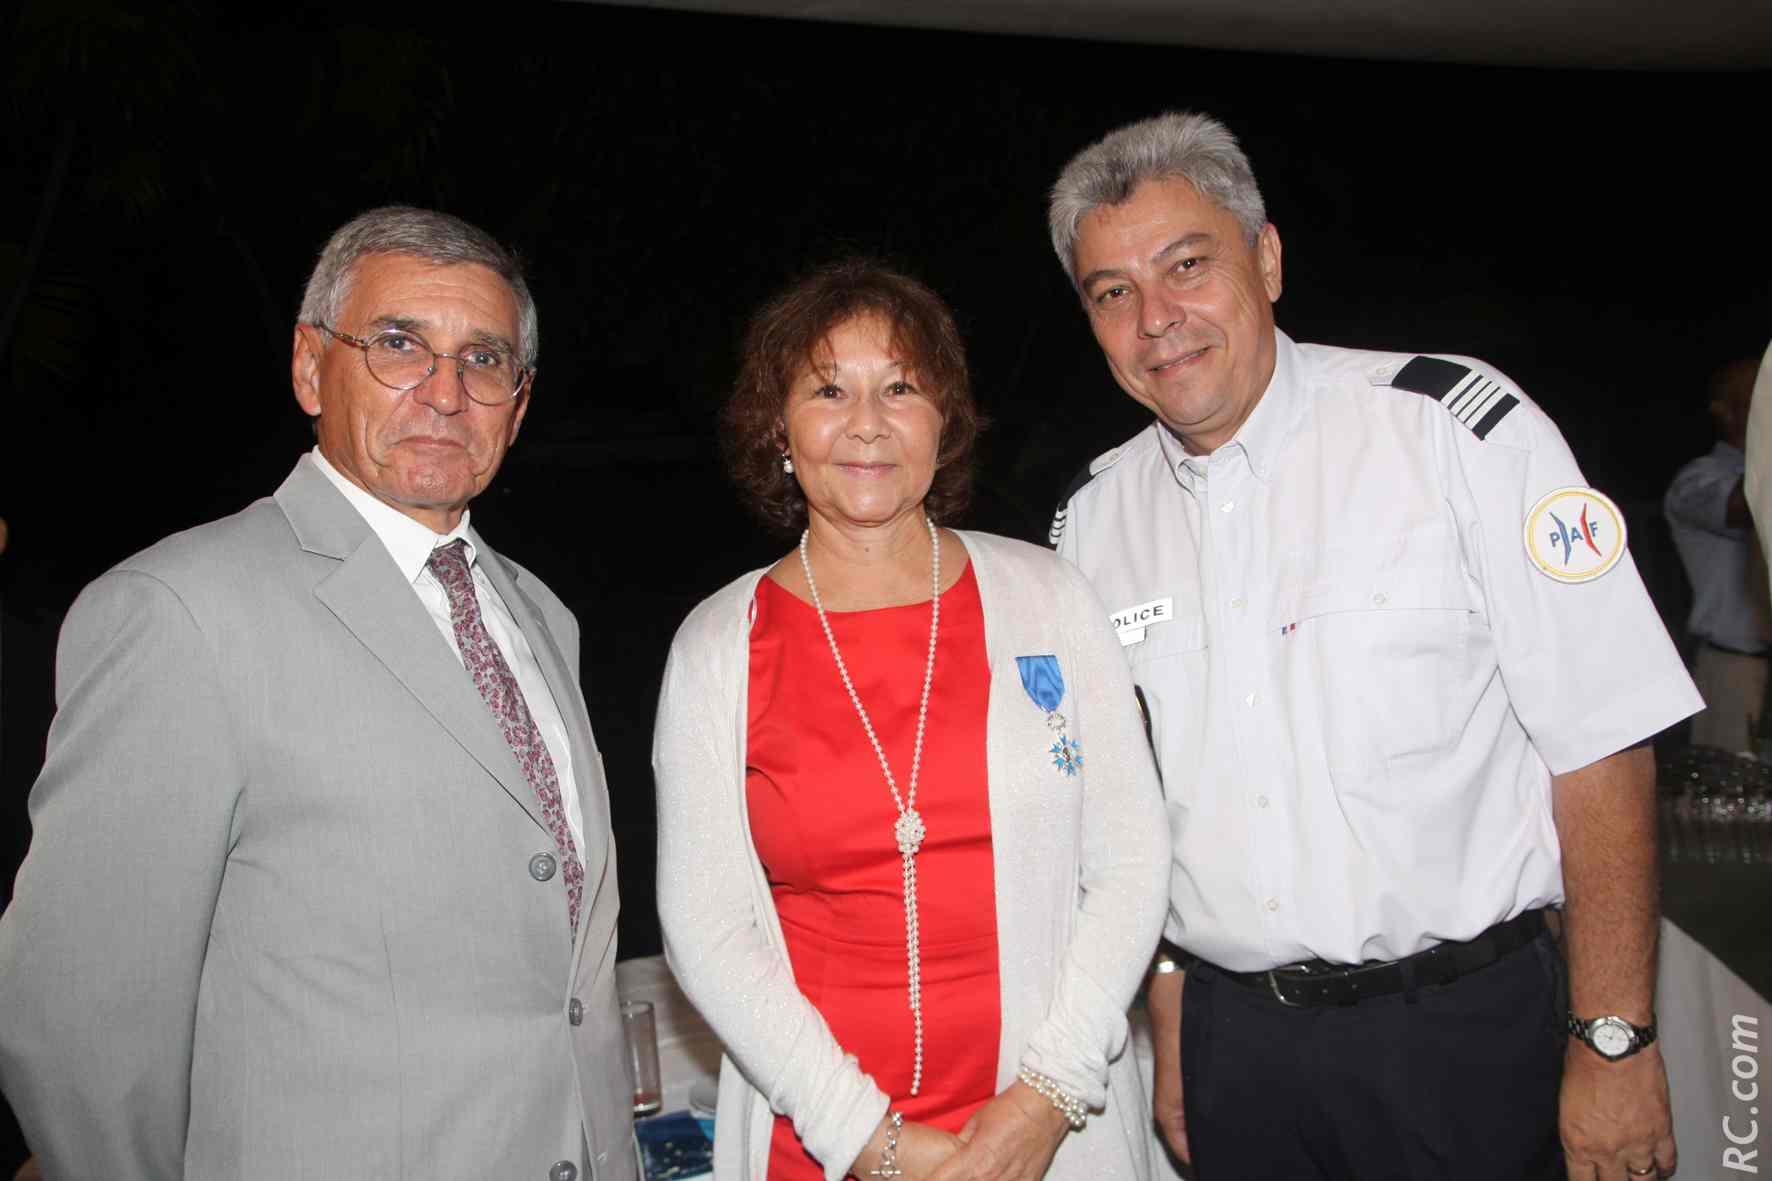 Pierre Maurel, président du TGI de Saint-Pierre, Ginette Azélie, et Eric Hoarau, chef de la PAF Aéroport de Pierrefonds